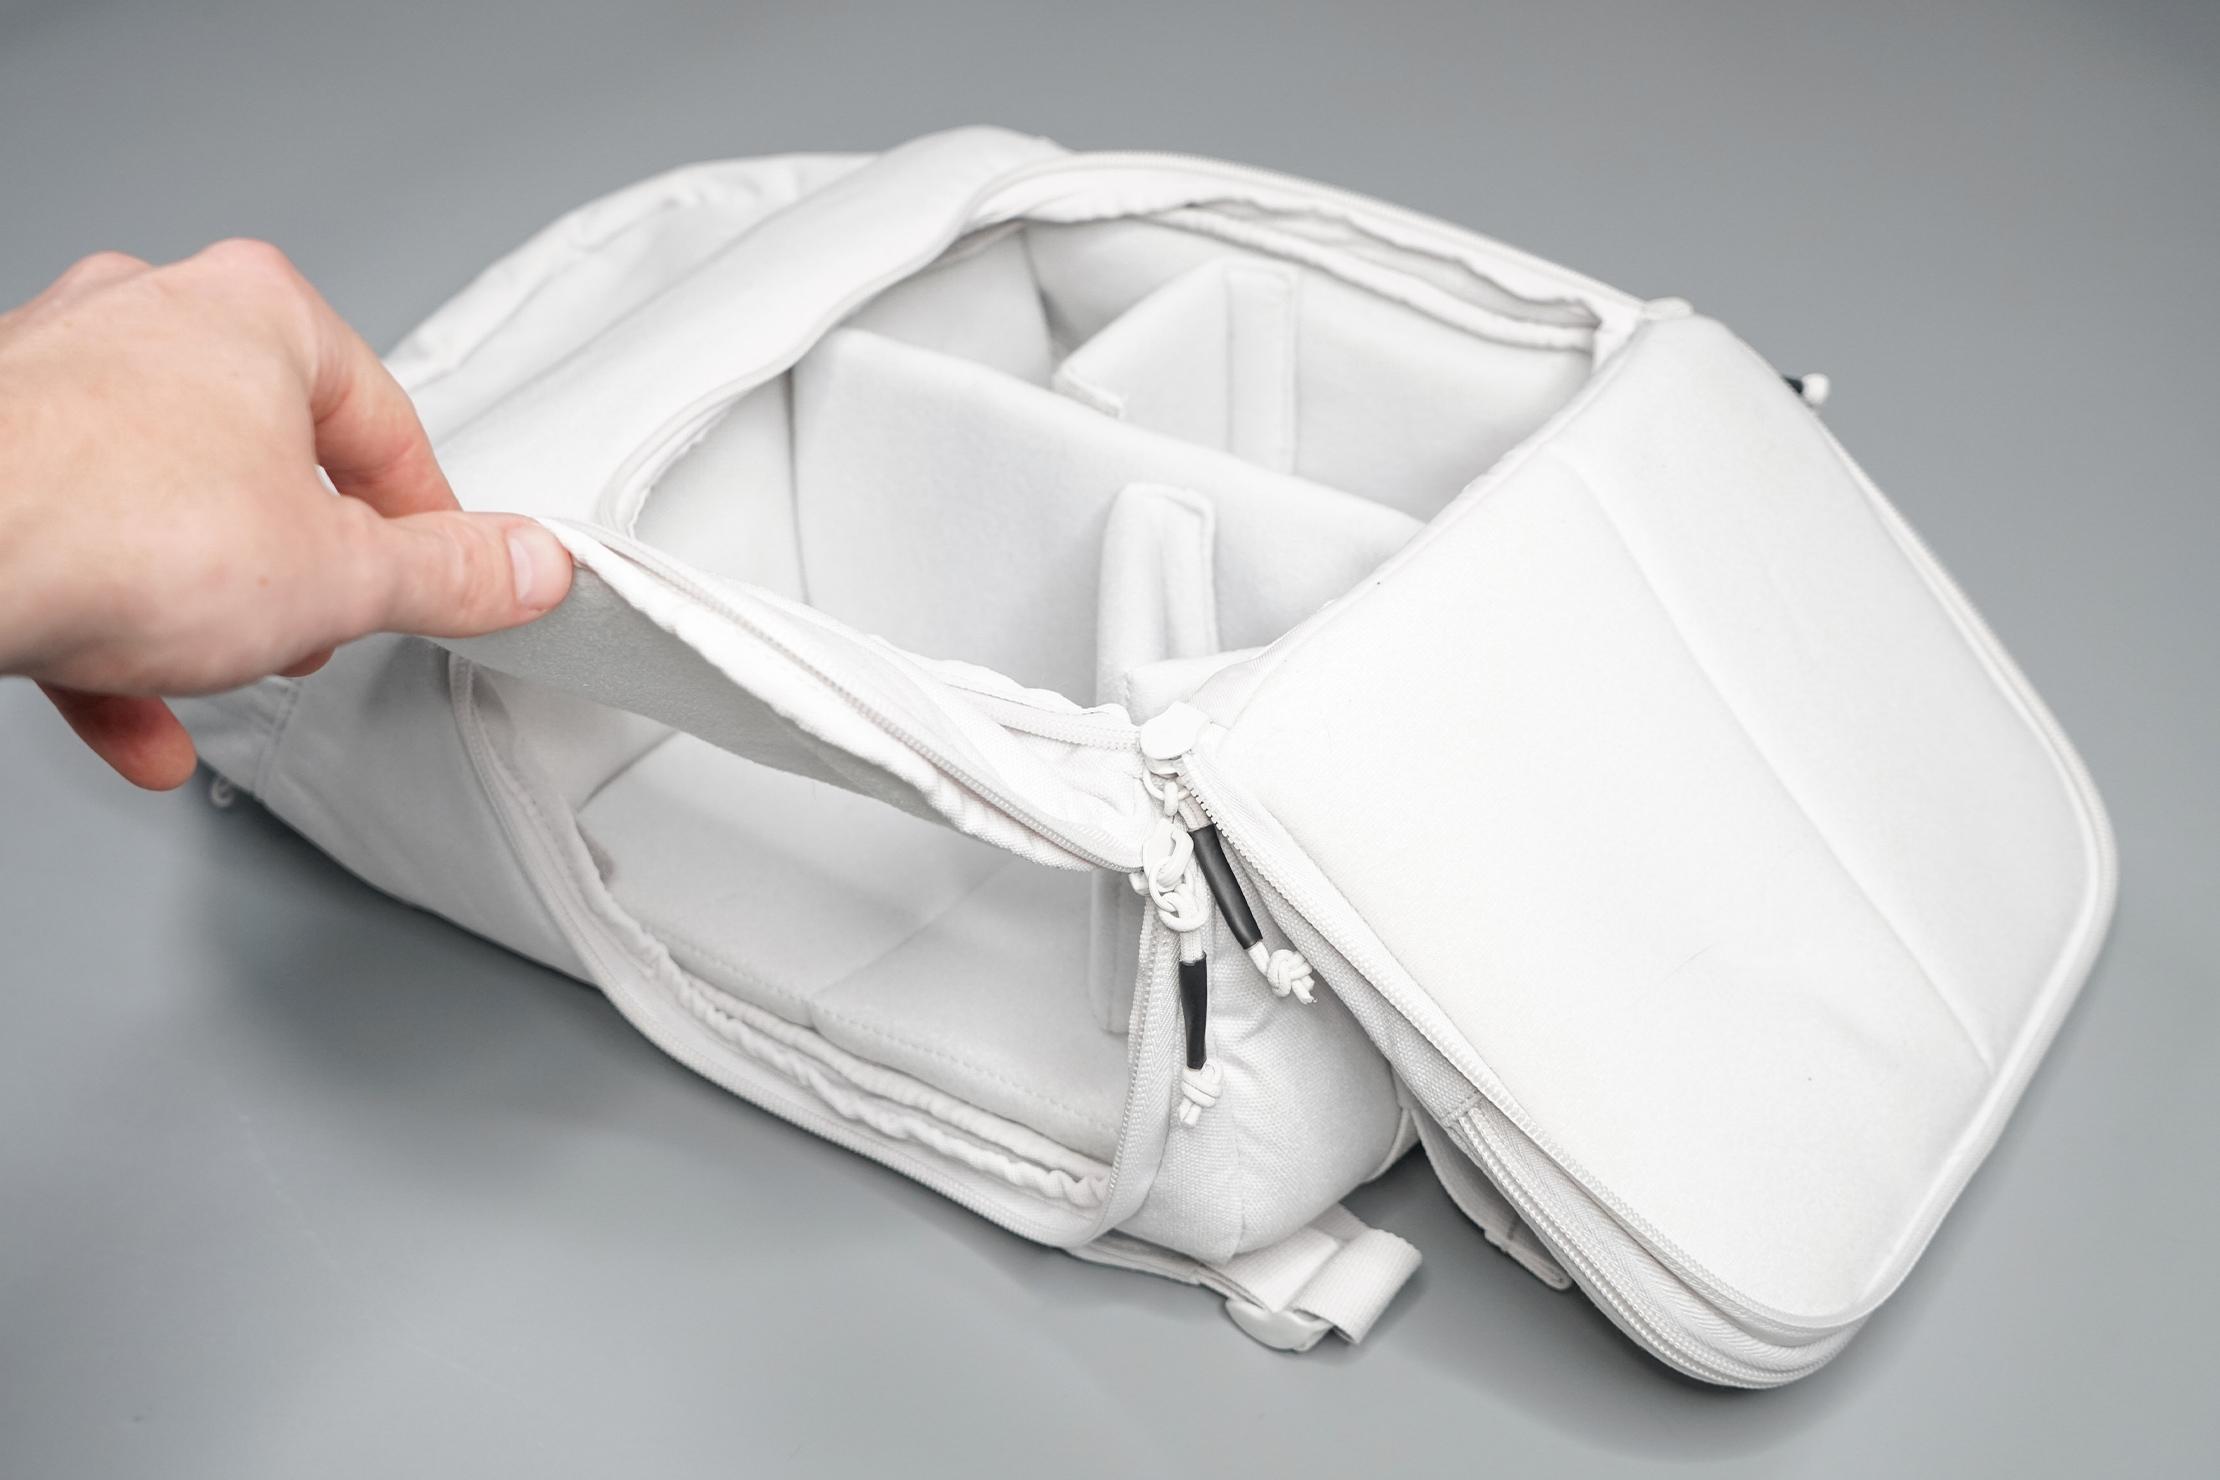 Brevitē Jumper Photo Backpack Side Access